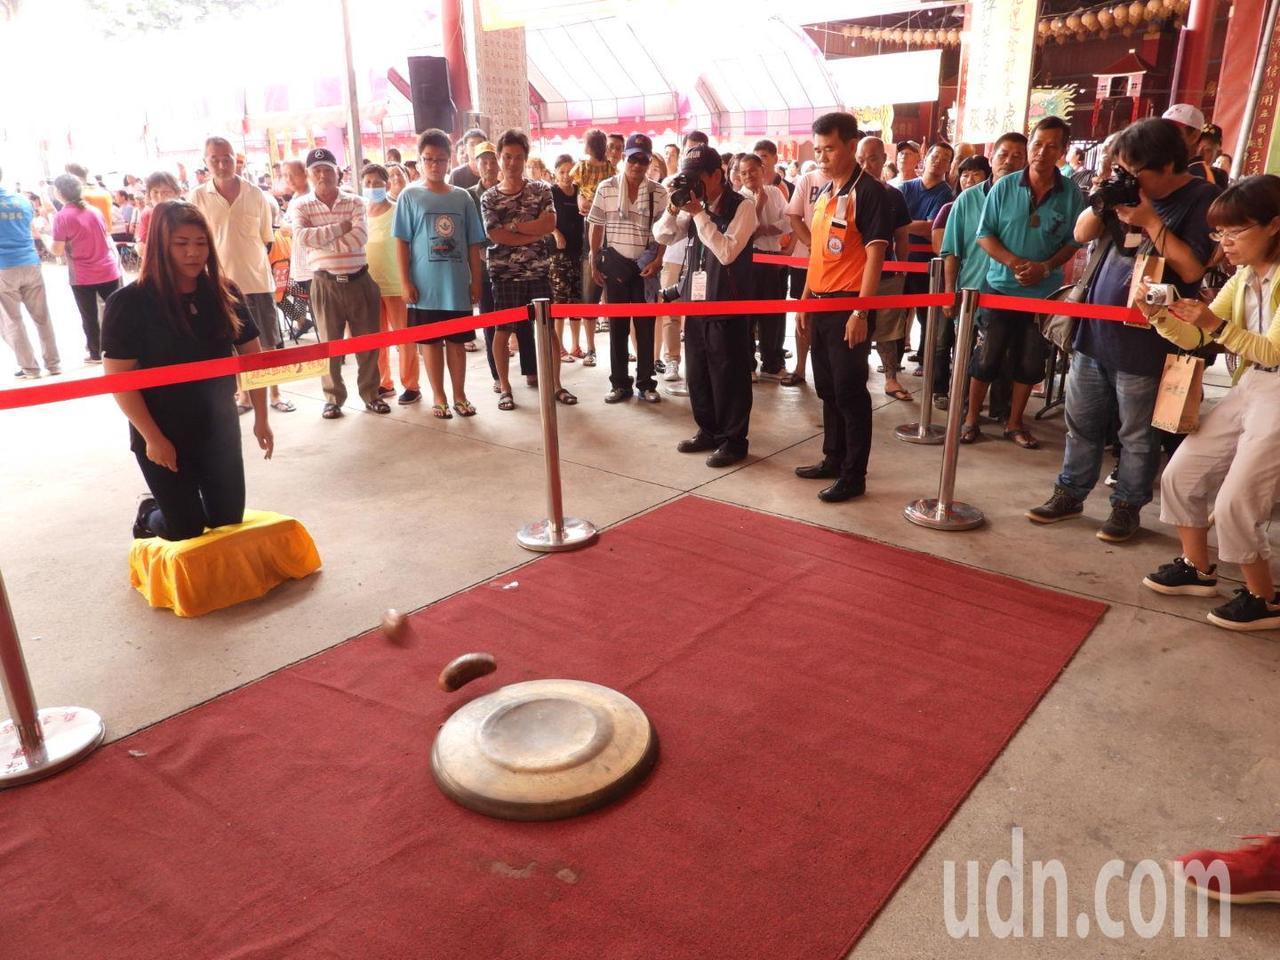 第一代天府真護宮舉辦擲筊領發財金活動。記者周宗禎/攝影